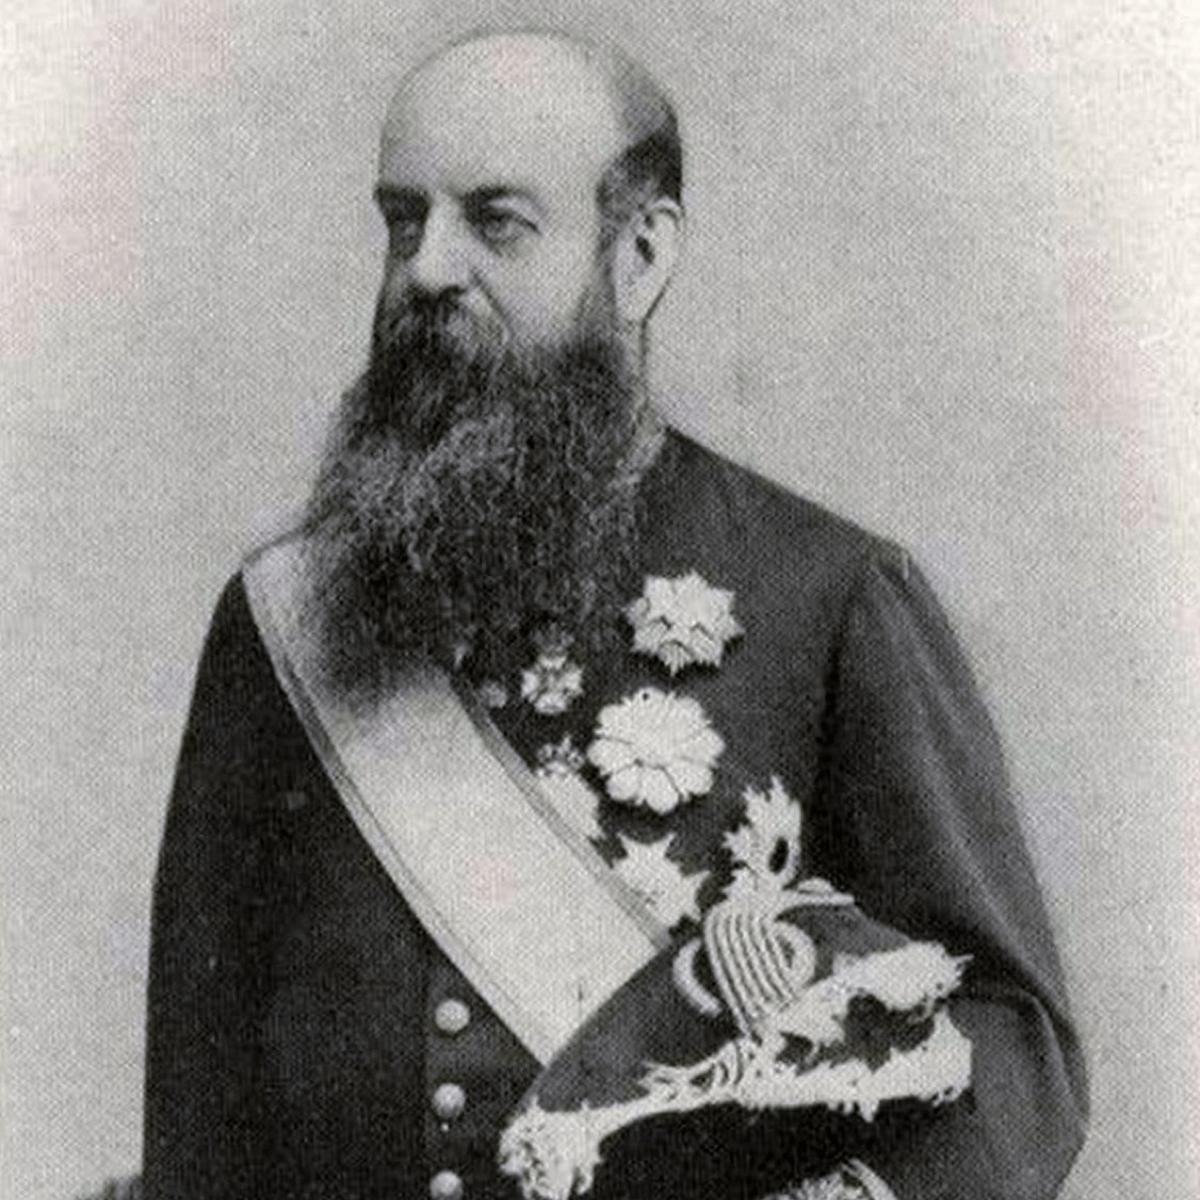 C'est le Prince Joseph de Riquet de Caraman-Chimay qui enjoignit les moines de Scourmont, en 1850, d'aider au développement de la région